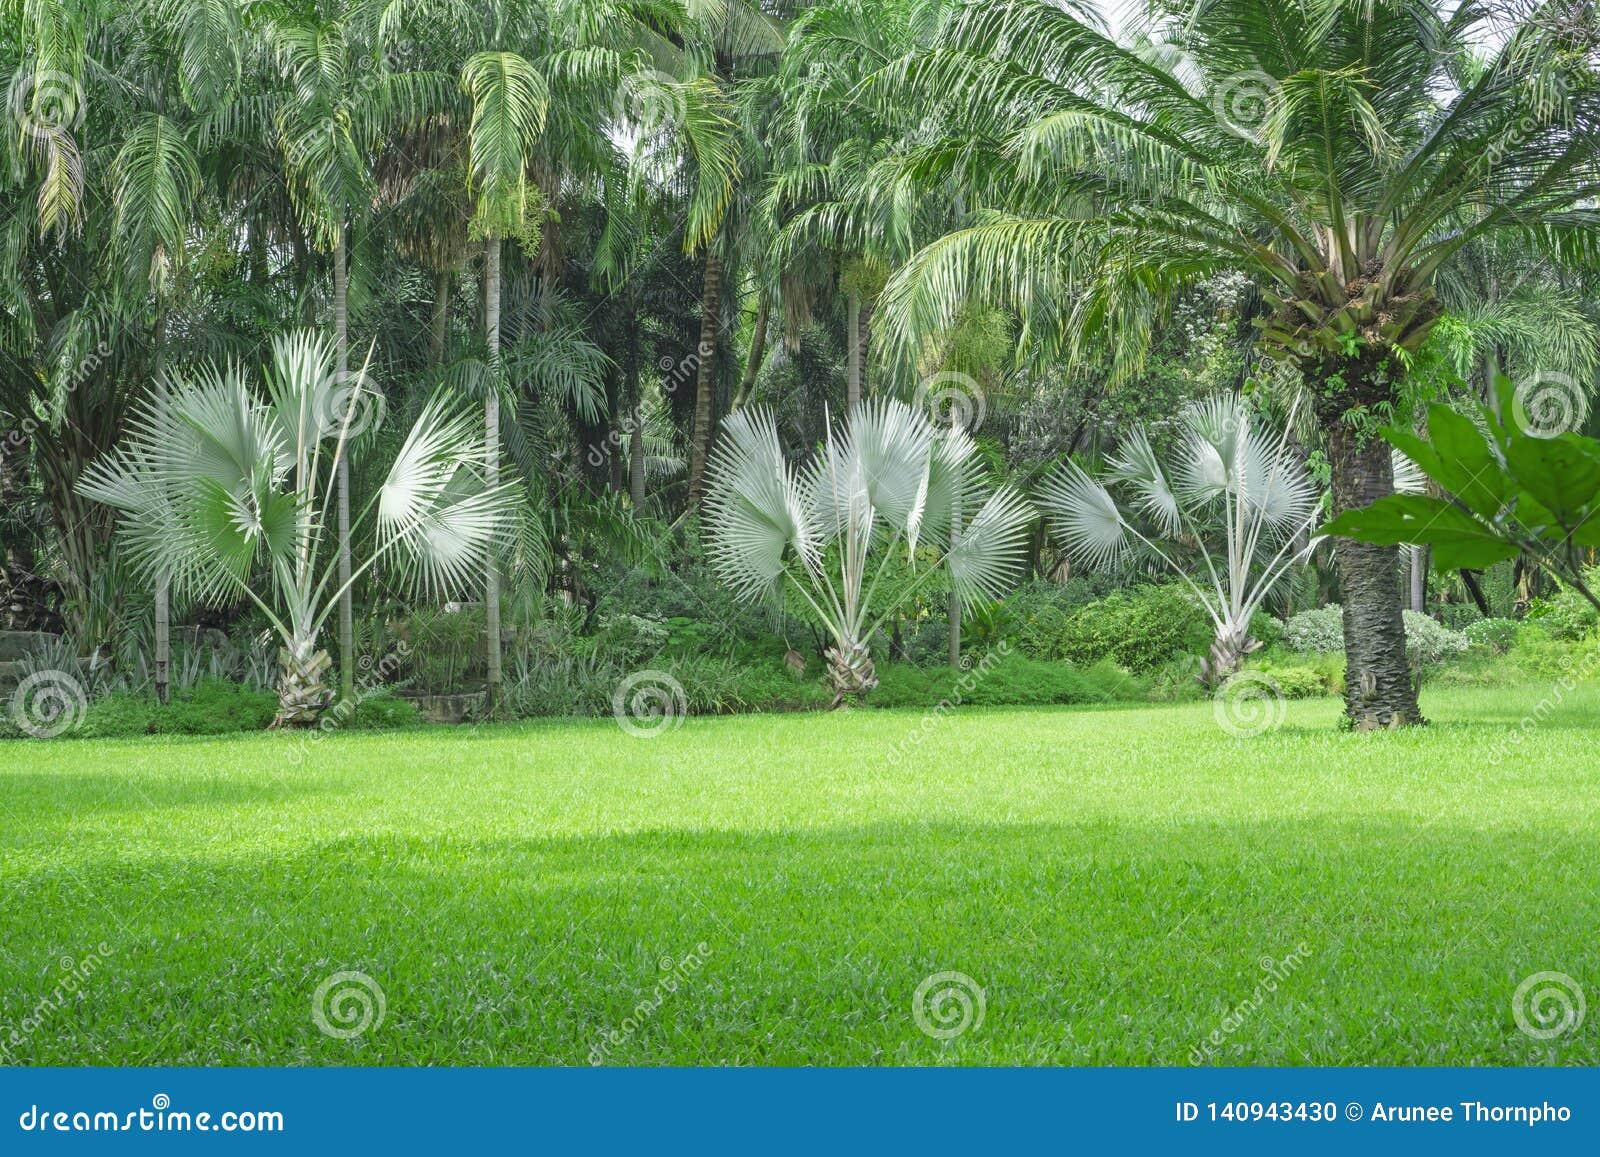 Yard vert frais d herbe de tapis, pelouse lisse dans un beau jardin de palmiers et bon soin aménageant en parc en parc public